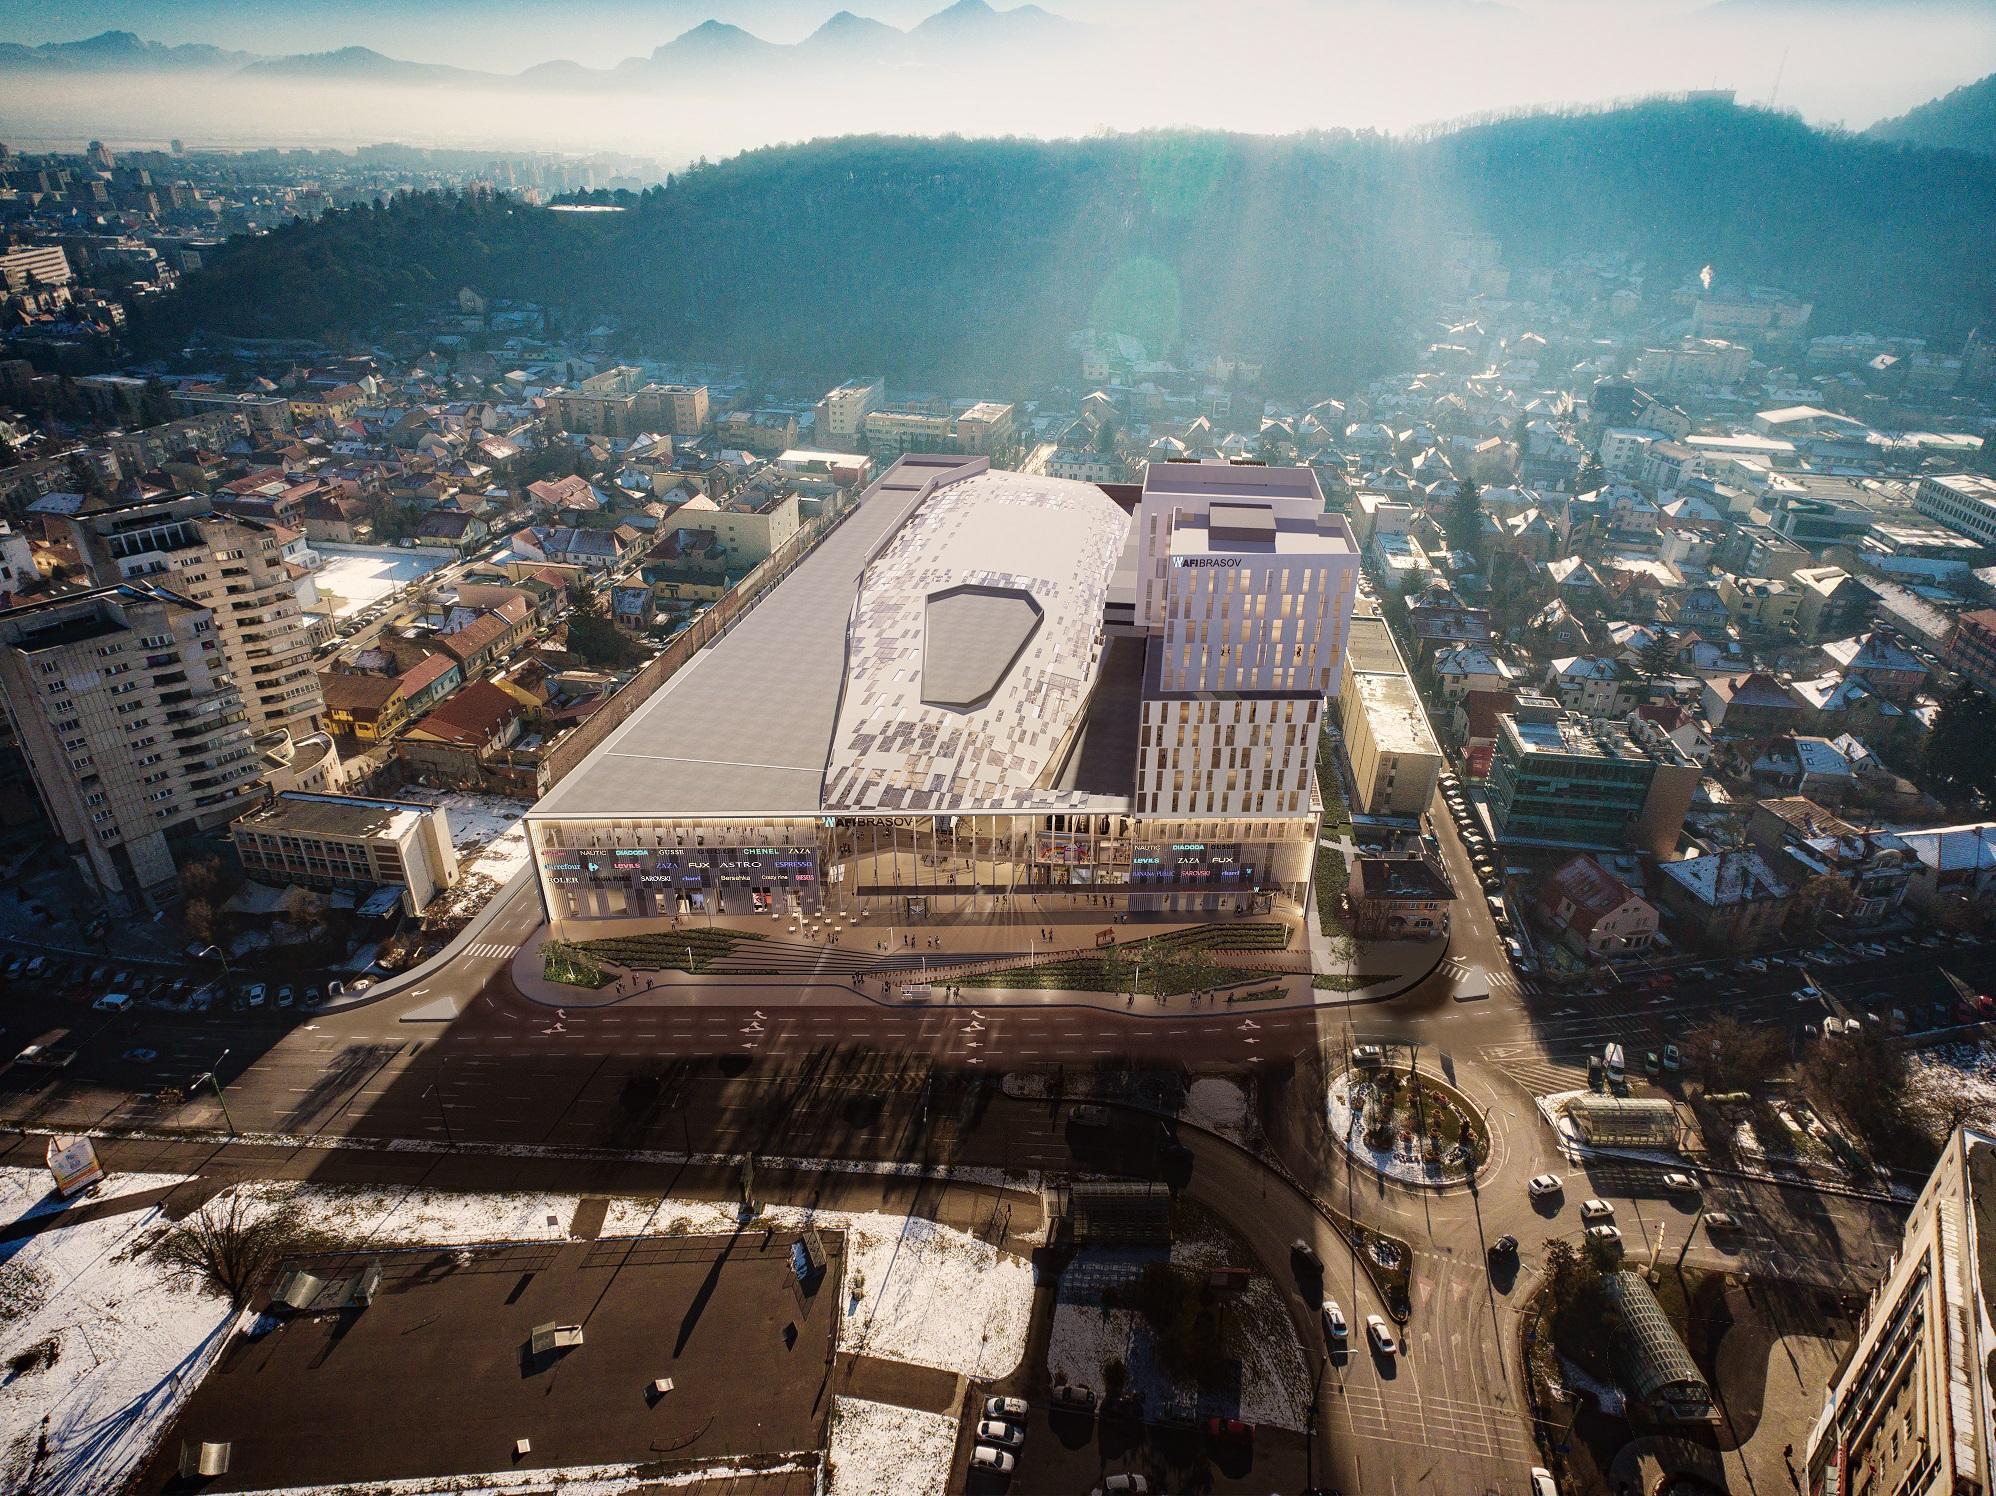 FOTO | Cum arată noul mall de dimensiuni impresionante care se construieşte la Braşov. Grupul israelian AFI Europe a pus piatra de temelie